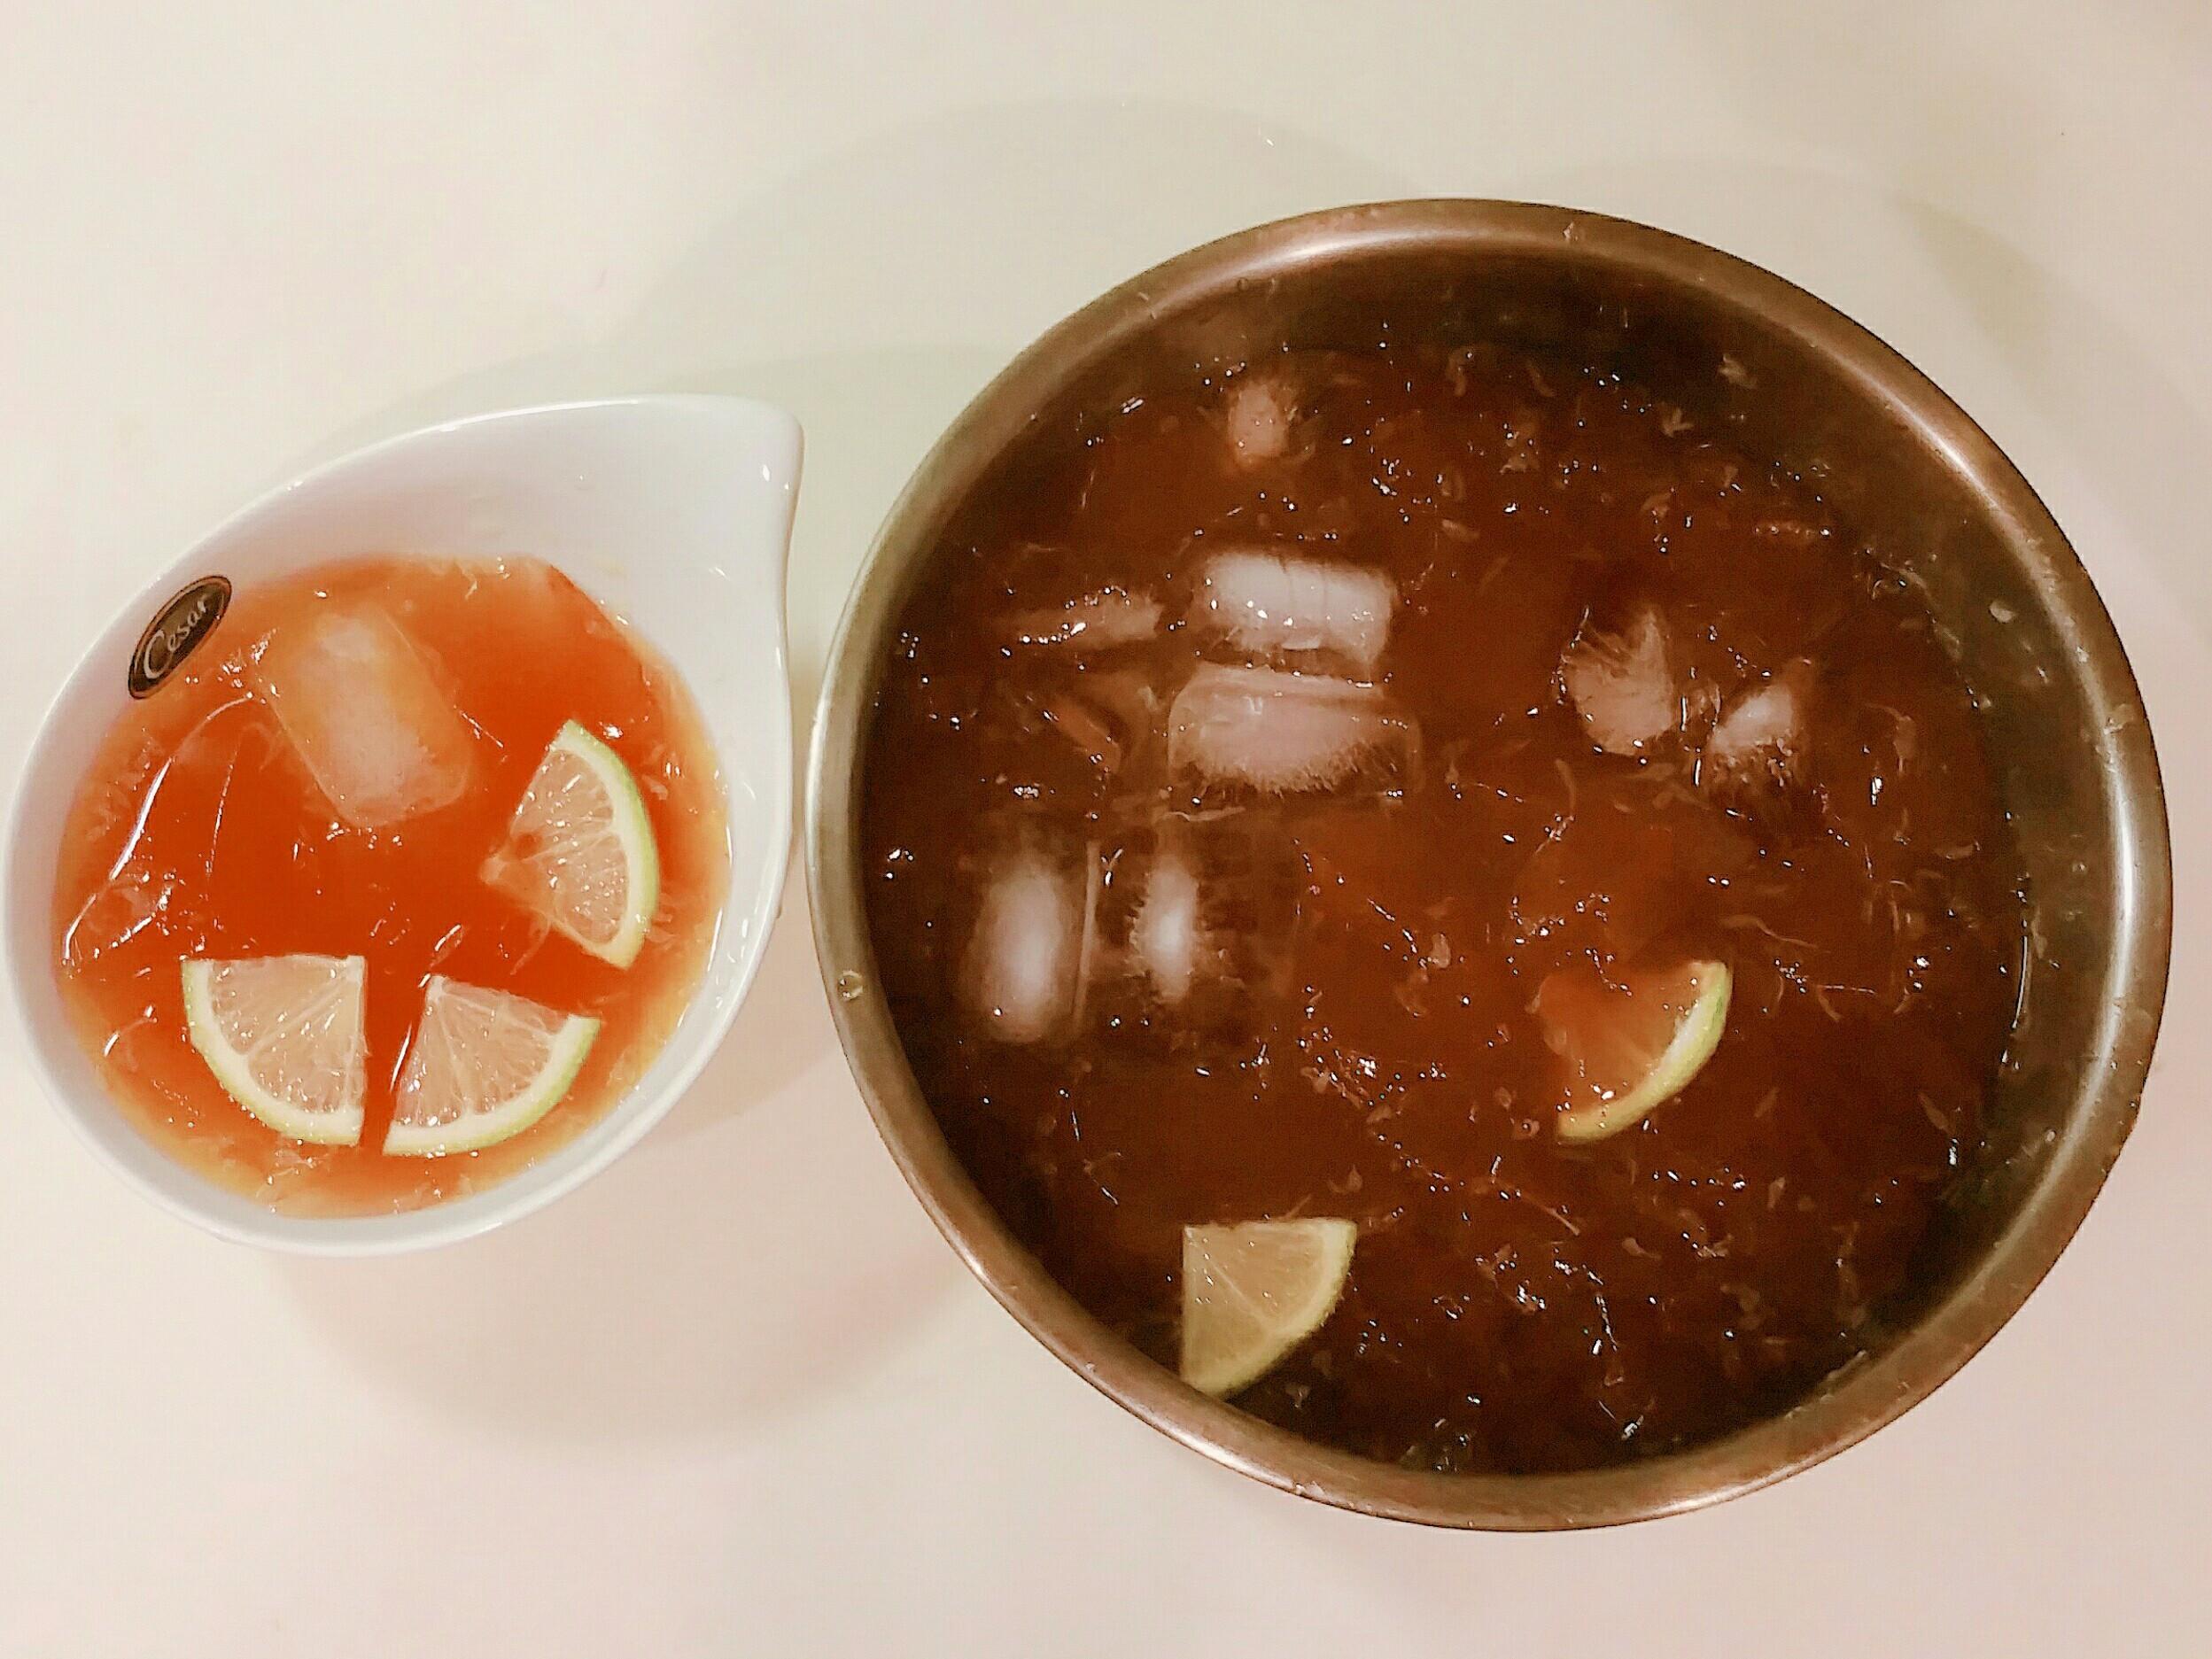 檸檬愛玉vs洗愛玉籽